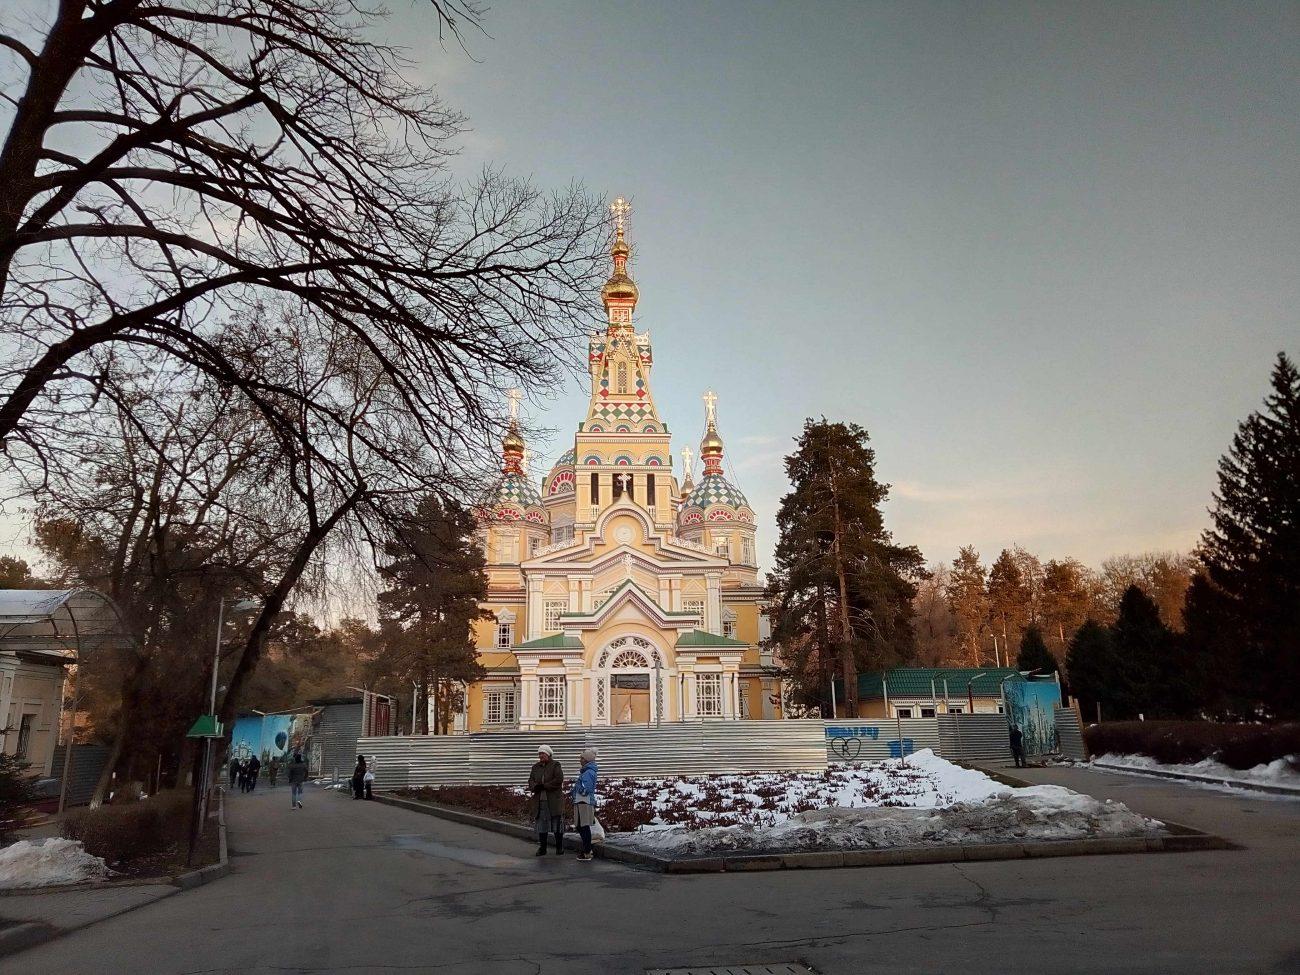 Hiver Printemps Panfilov Almaty Kazakhstan Photo du Jour